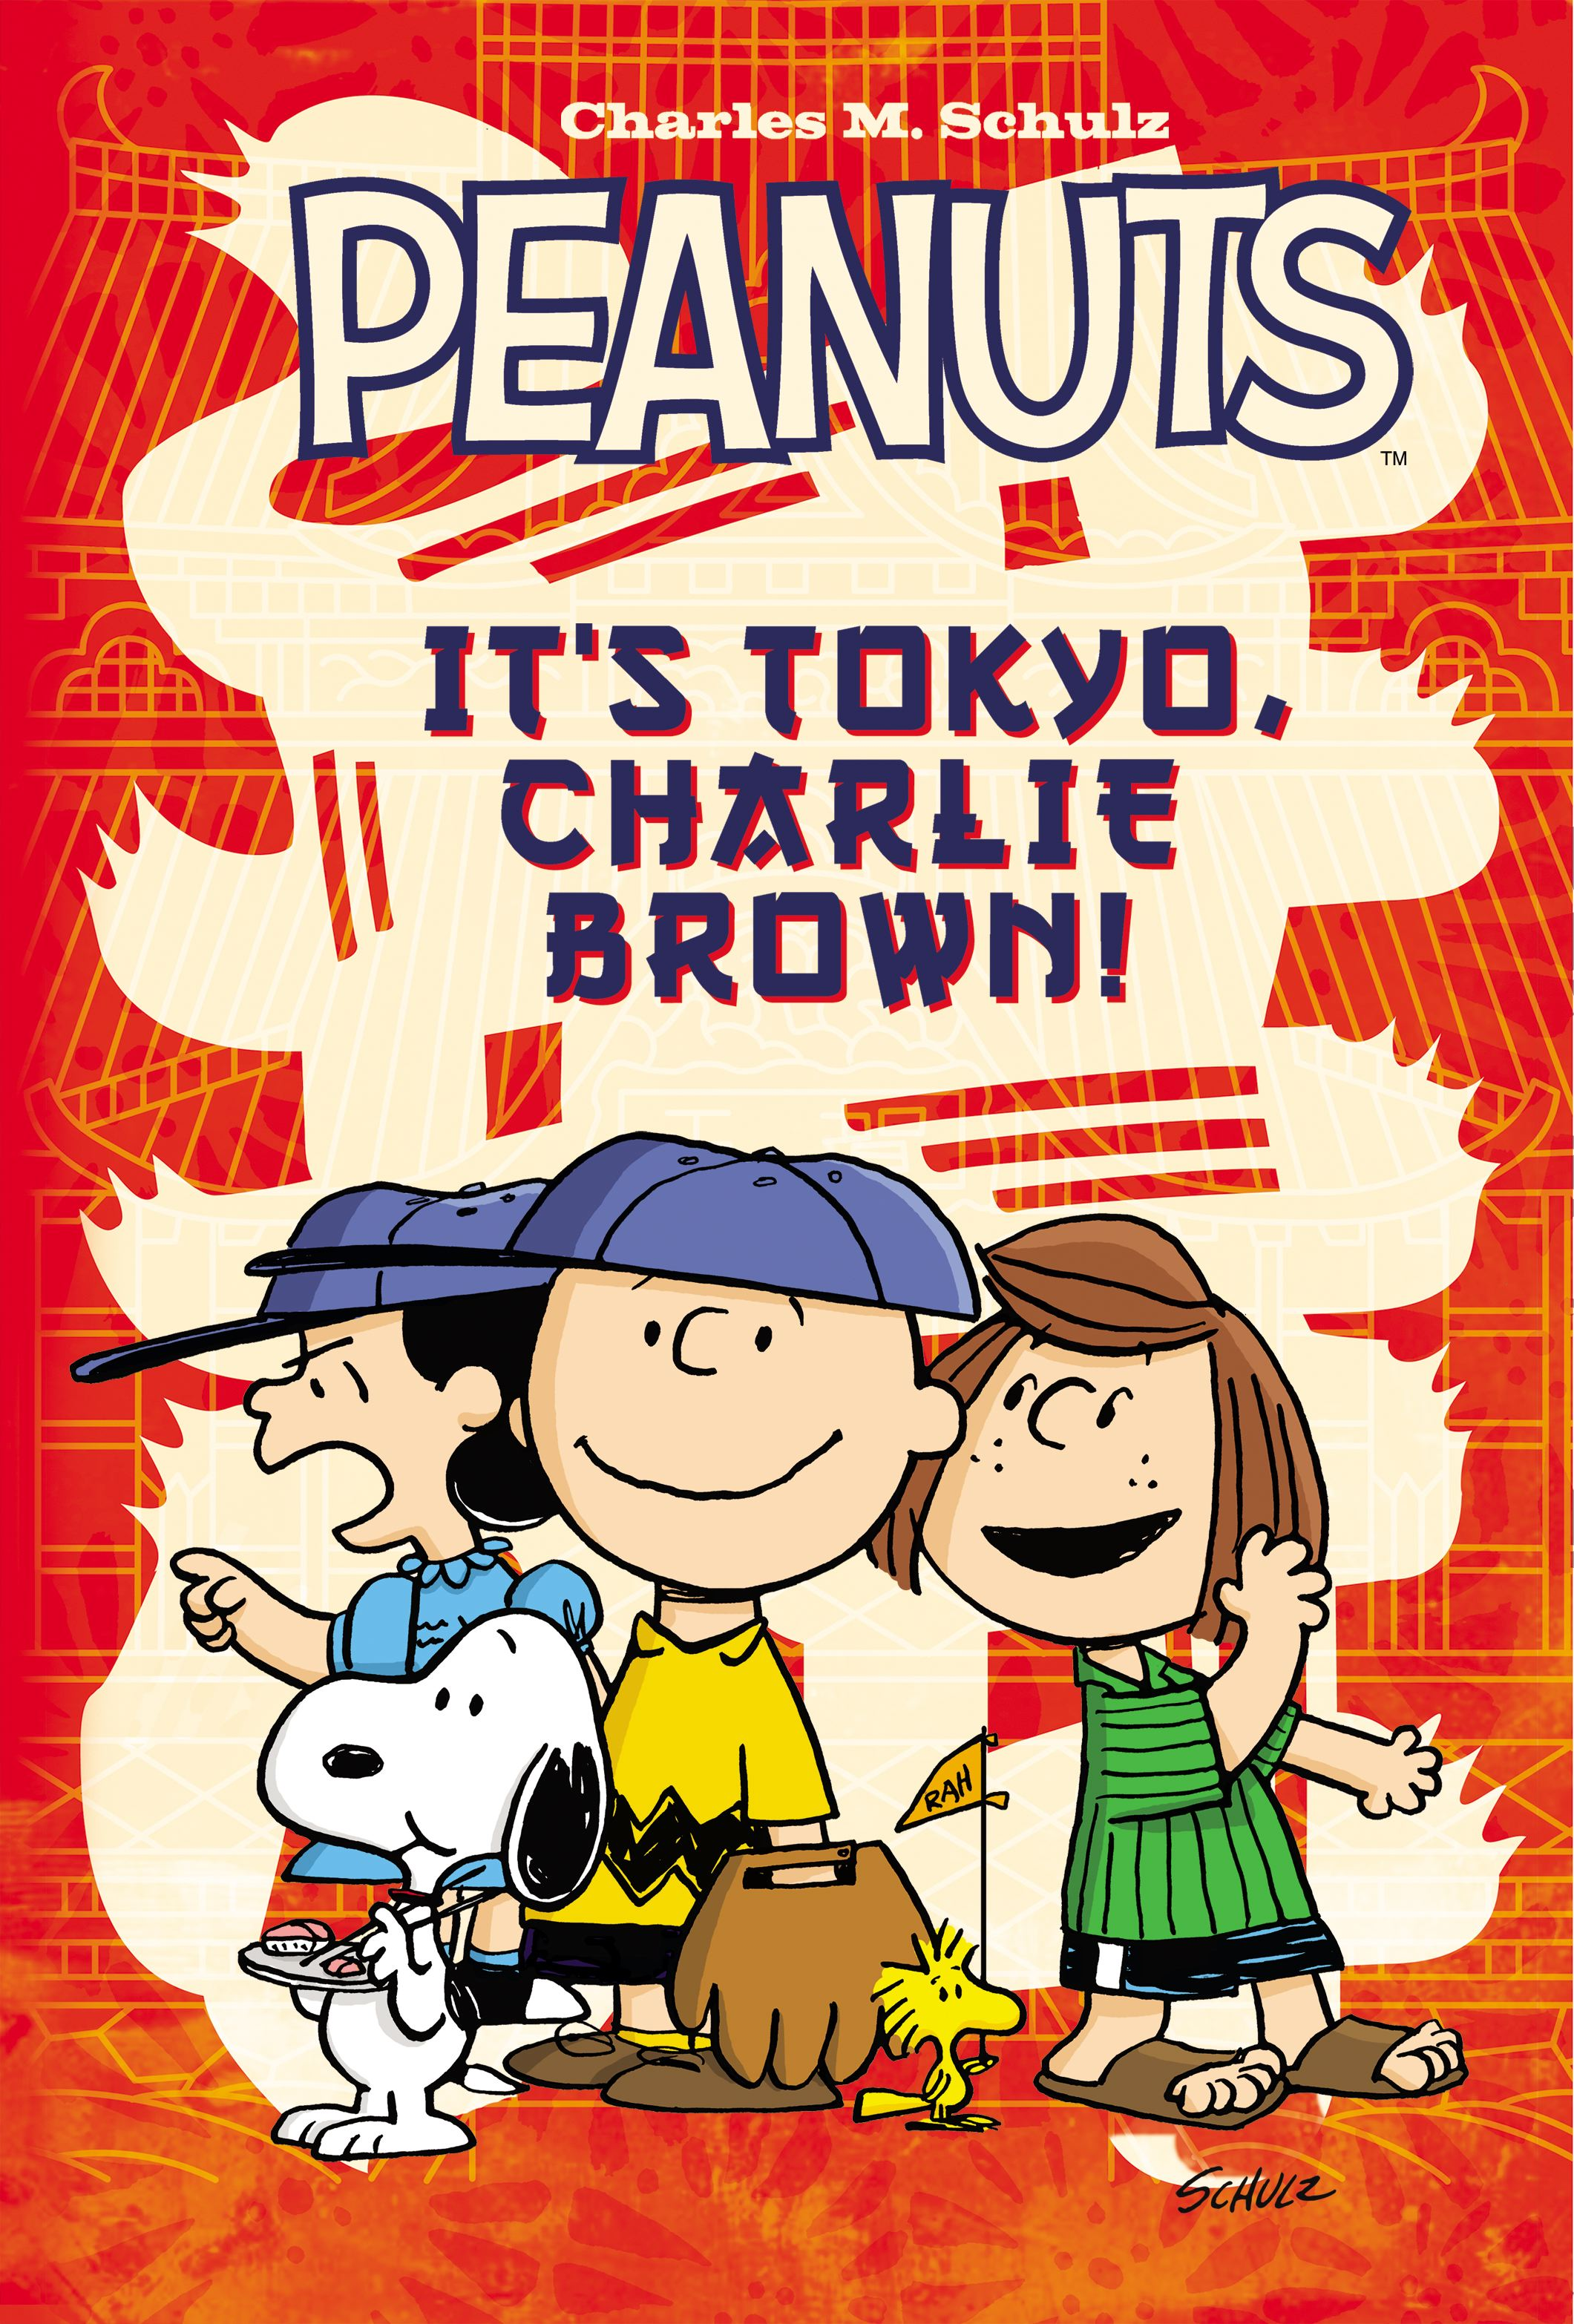 Peanuts its tokyo charlie brown 9781608862702 hr